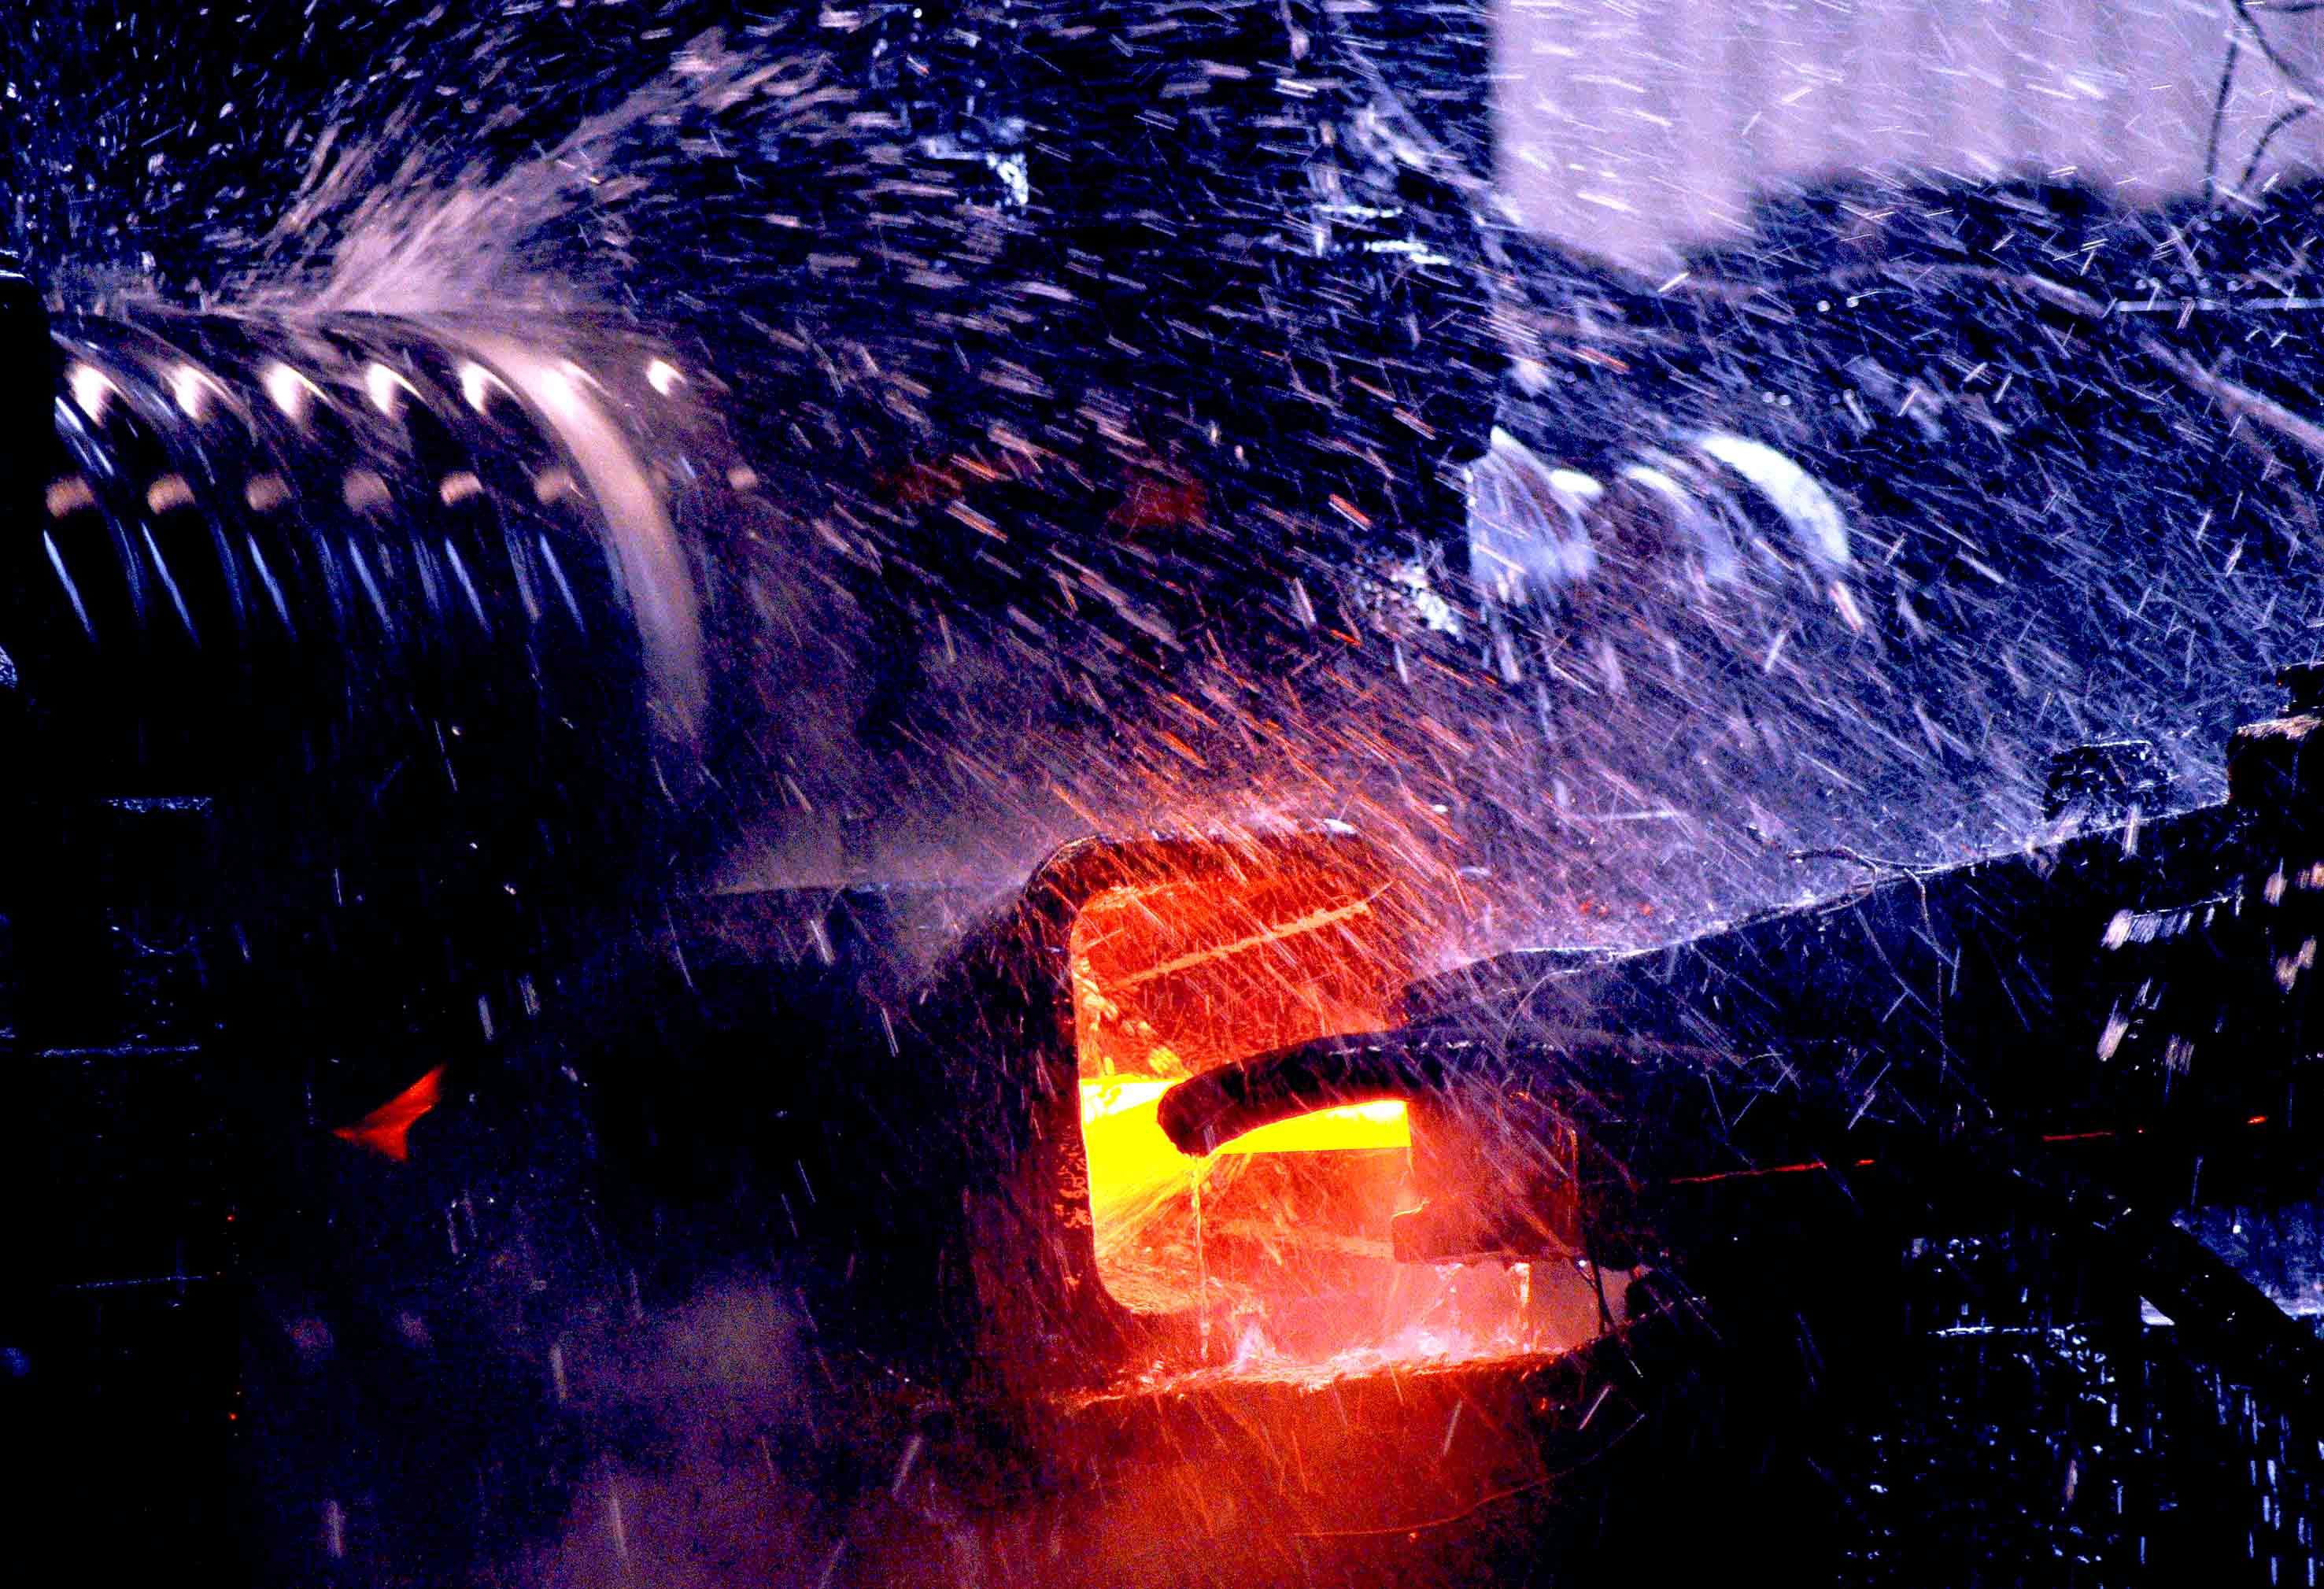 水火竞星头像背景素材